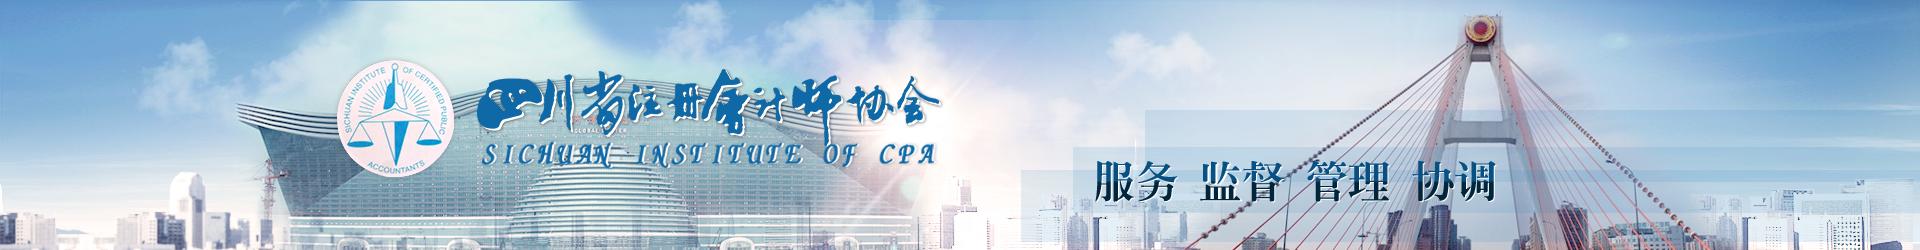 四川省注册会计师协会